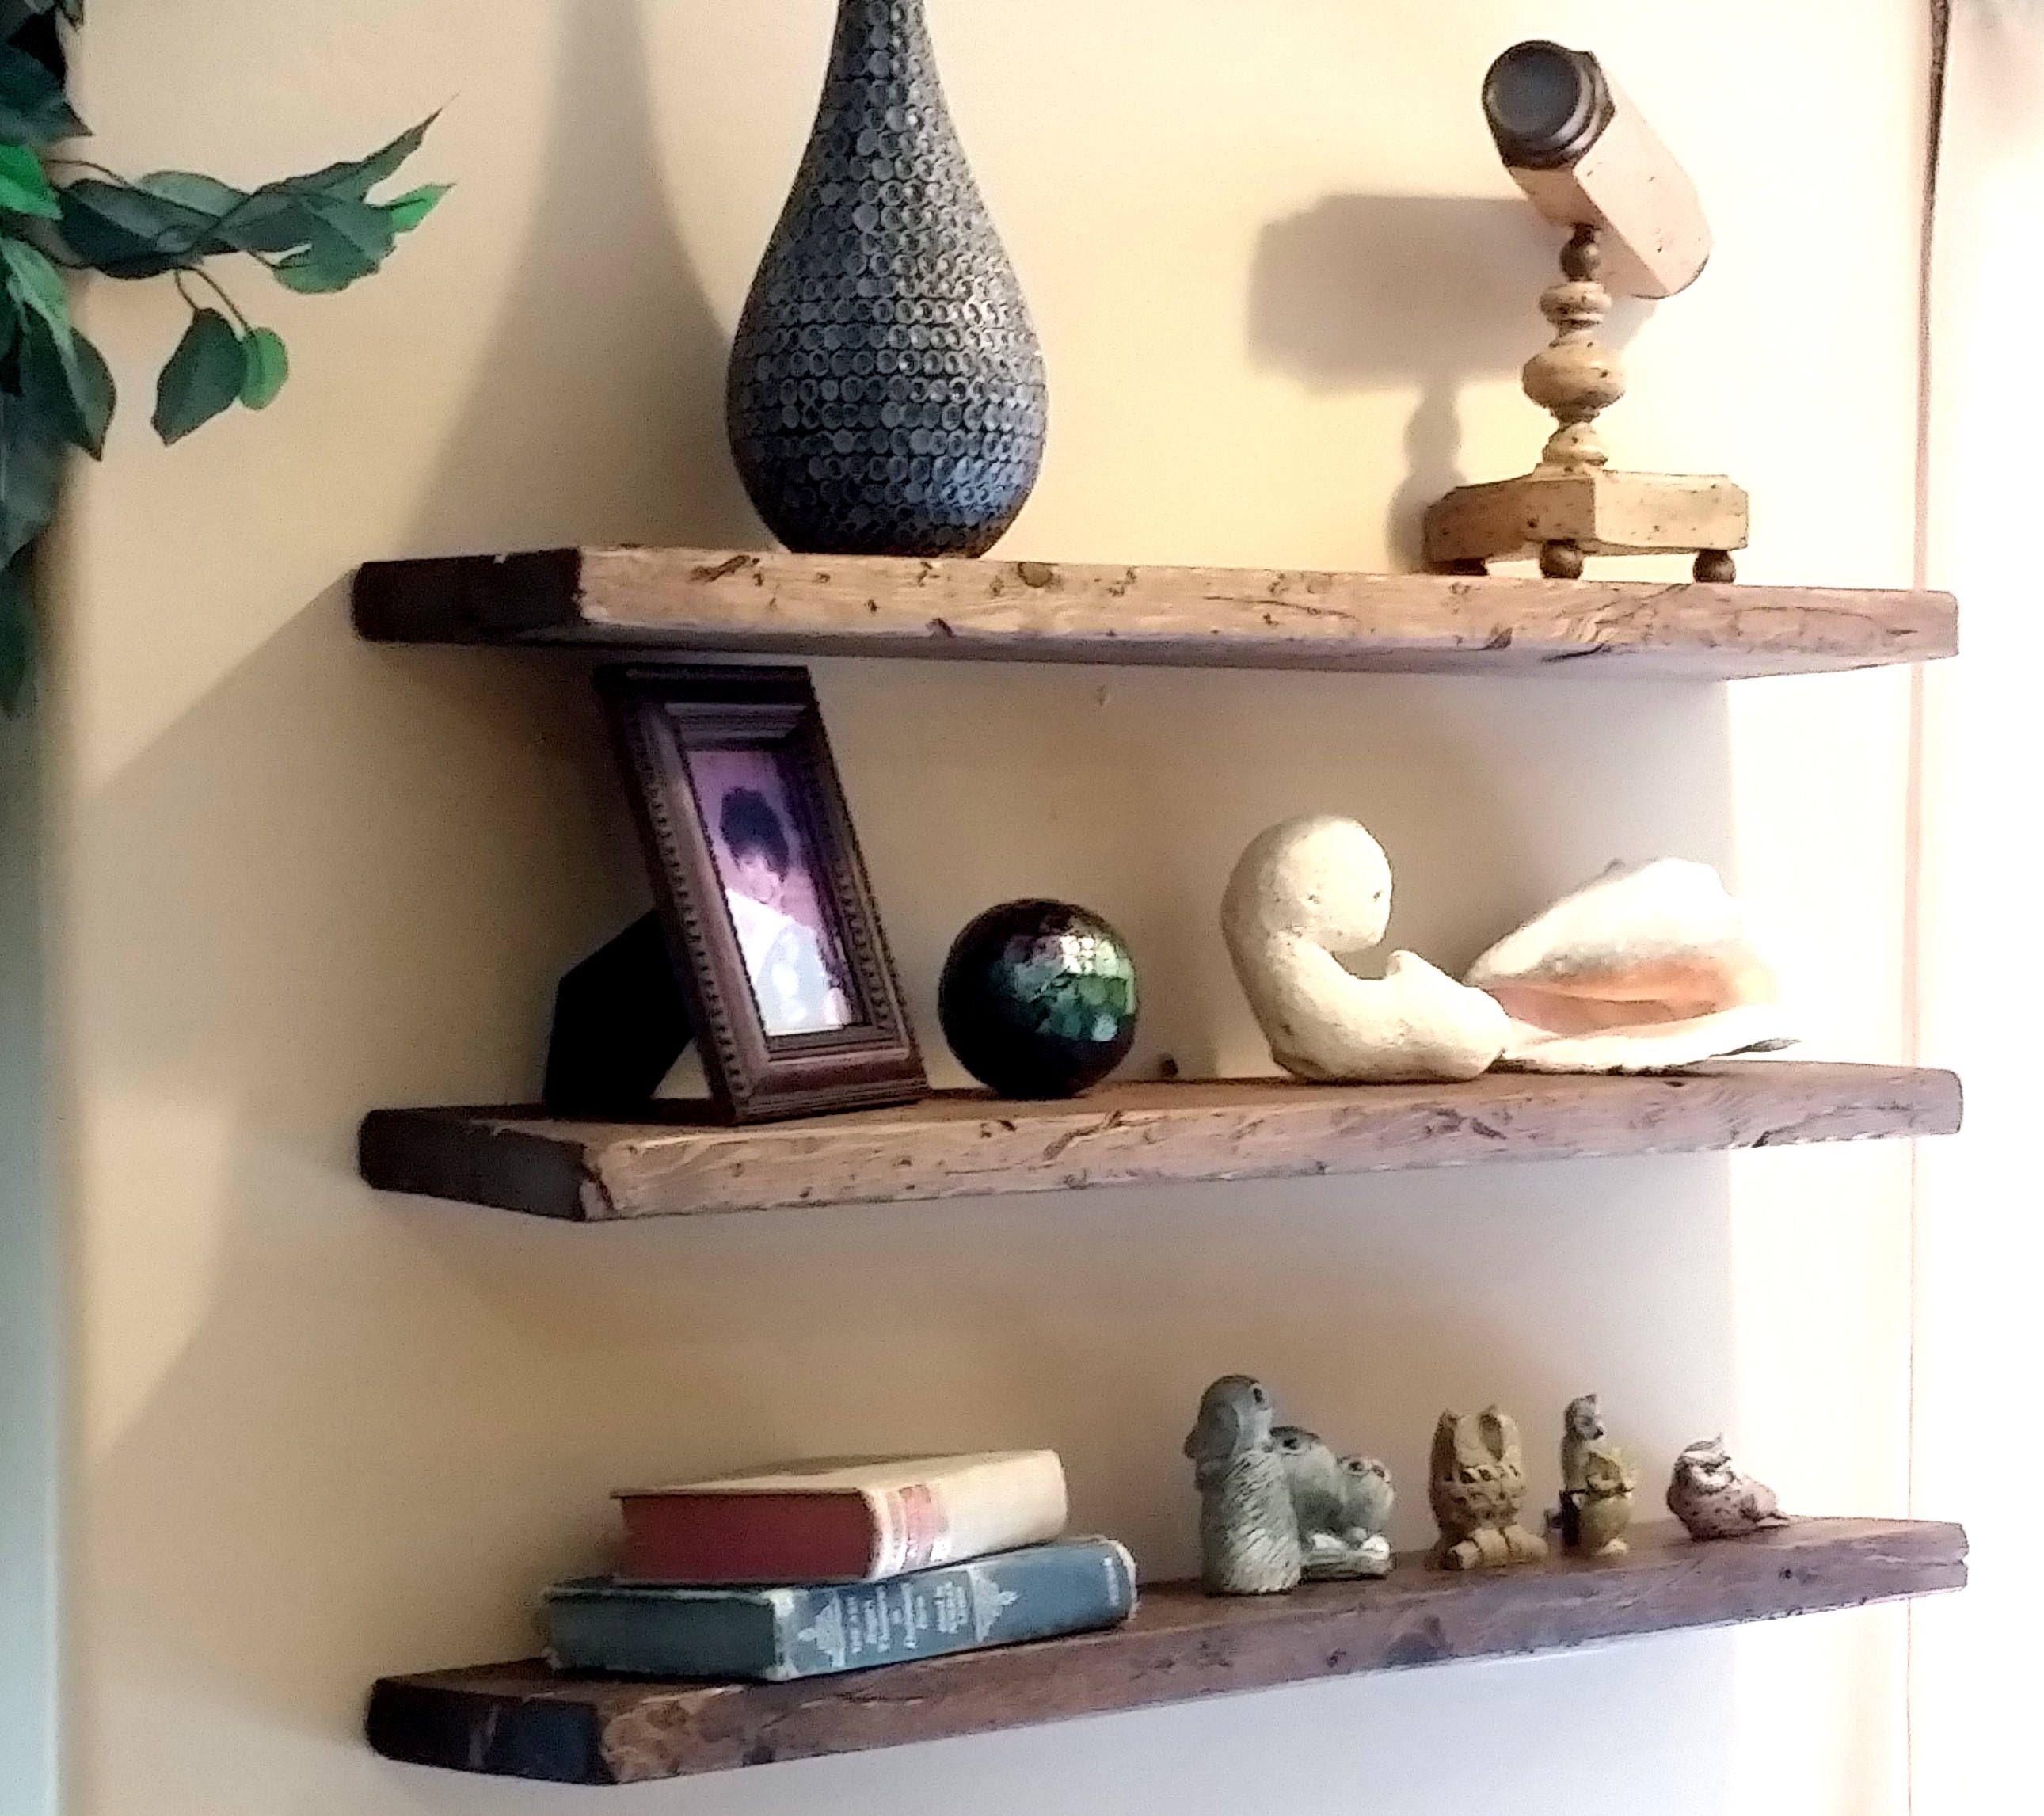 Pin by La Prea Beasley on Shelves Pinterest